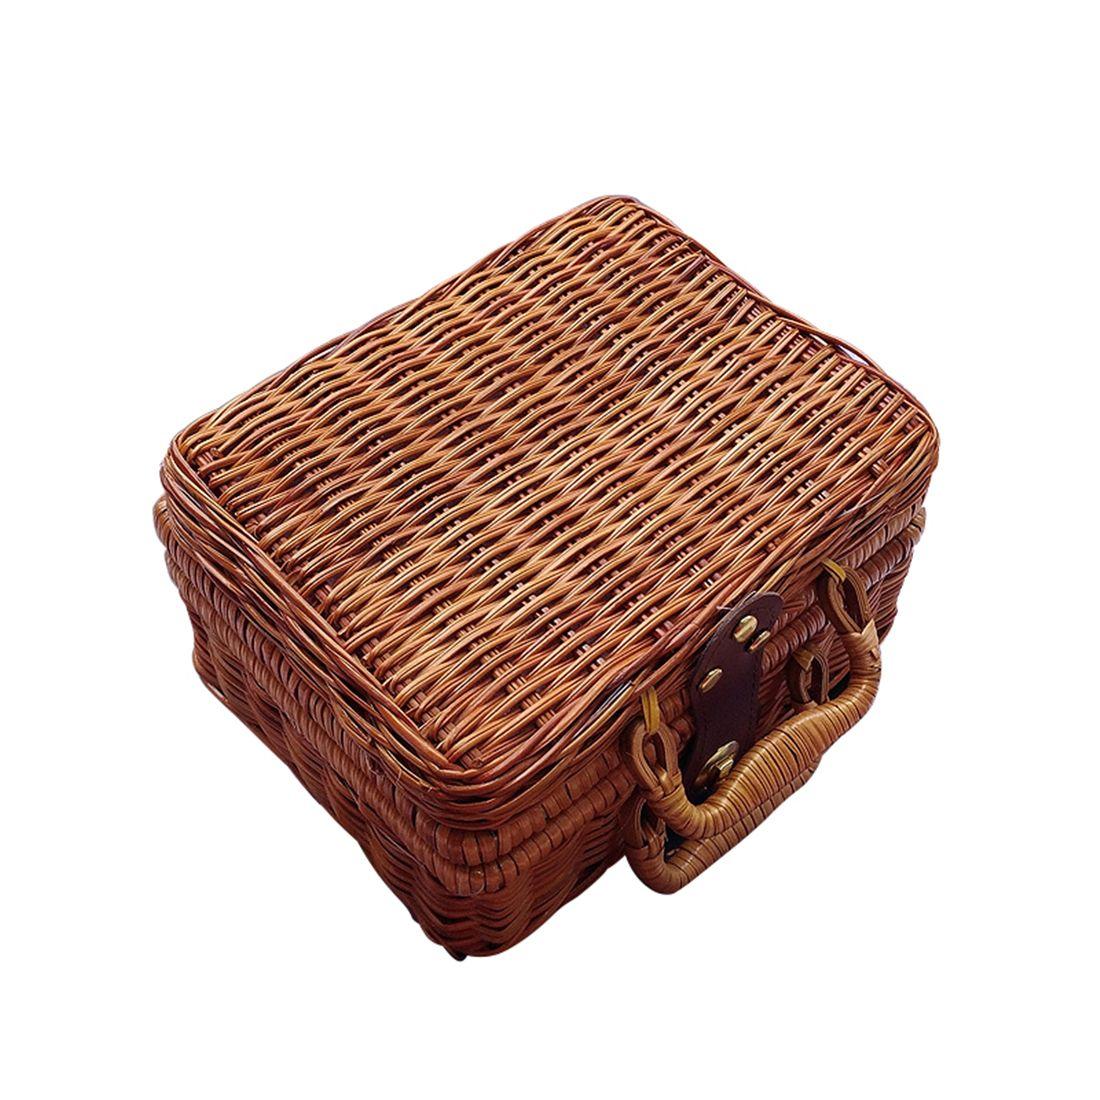 Женские сумки и кошельки Чистая рука г-жи кантон г-жи Куш китайская литература искусство винтажной корзины бамбука путешествия в сумке для хранения реквизит (Фото 5)